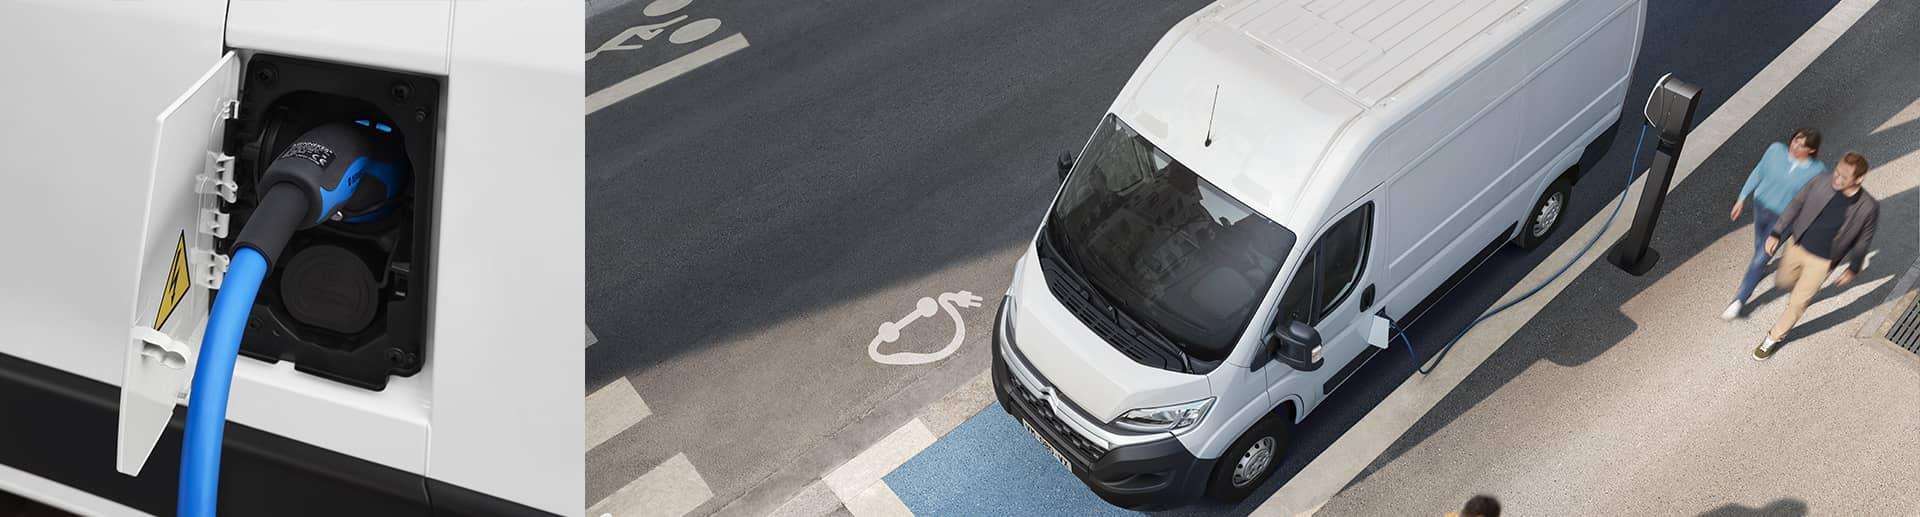 Connaitre l'autonomie et le temps de rechargement de l'utilitaire électrique Citroën Ë-Jumper Valence - Romans